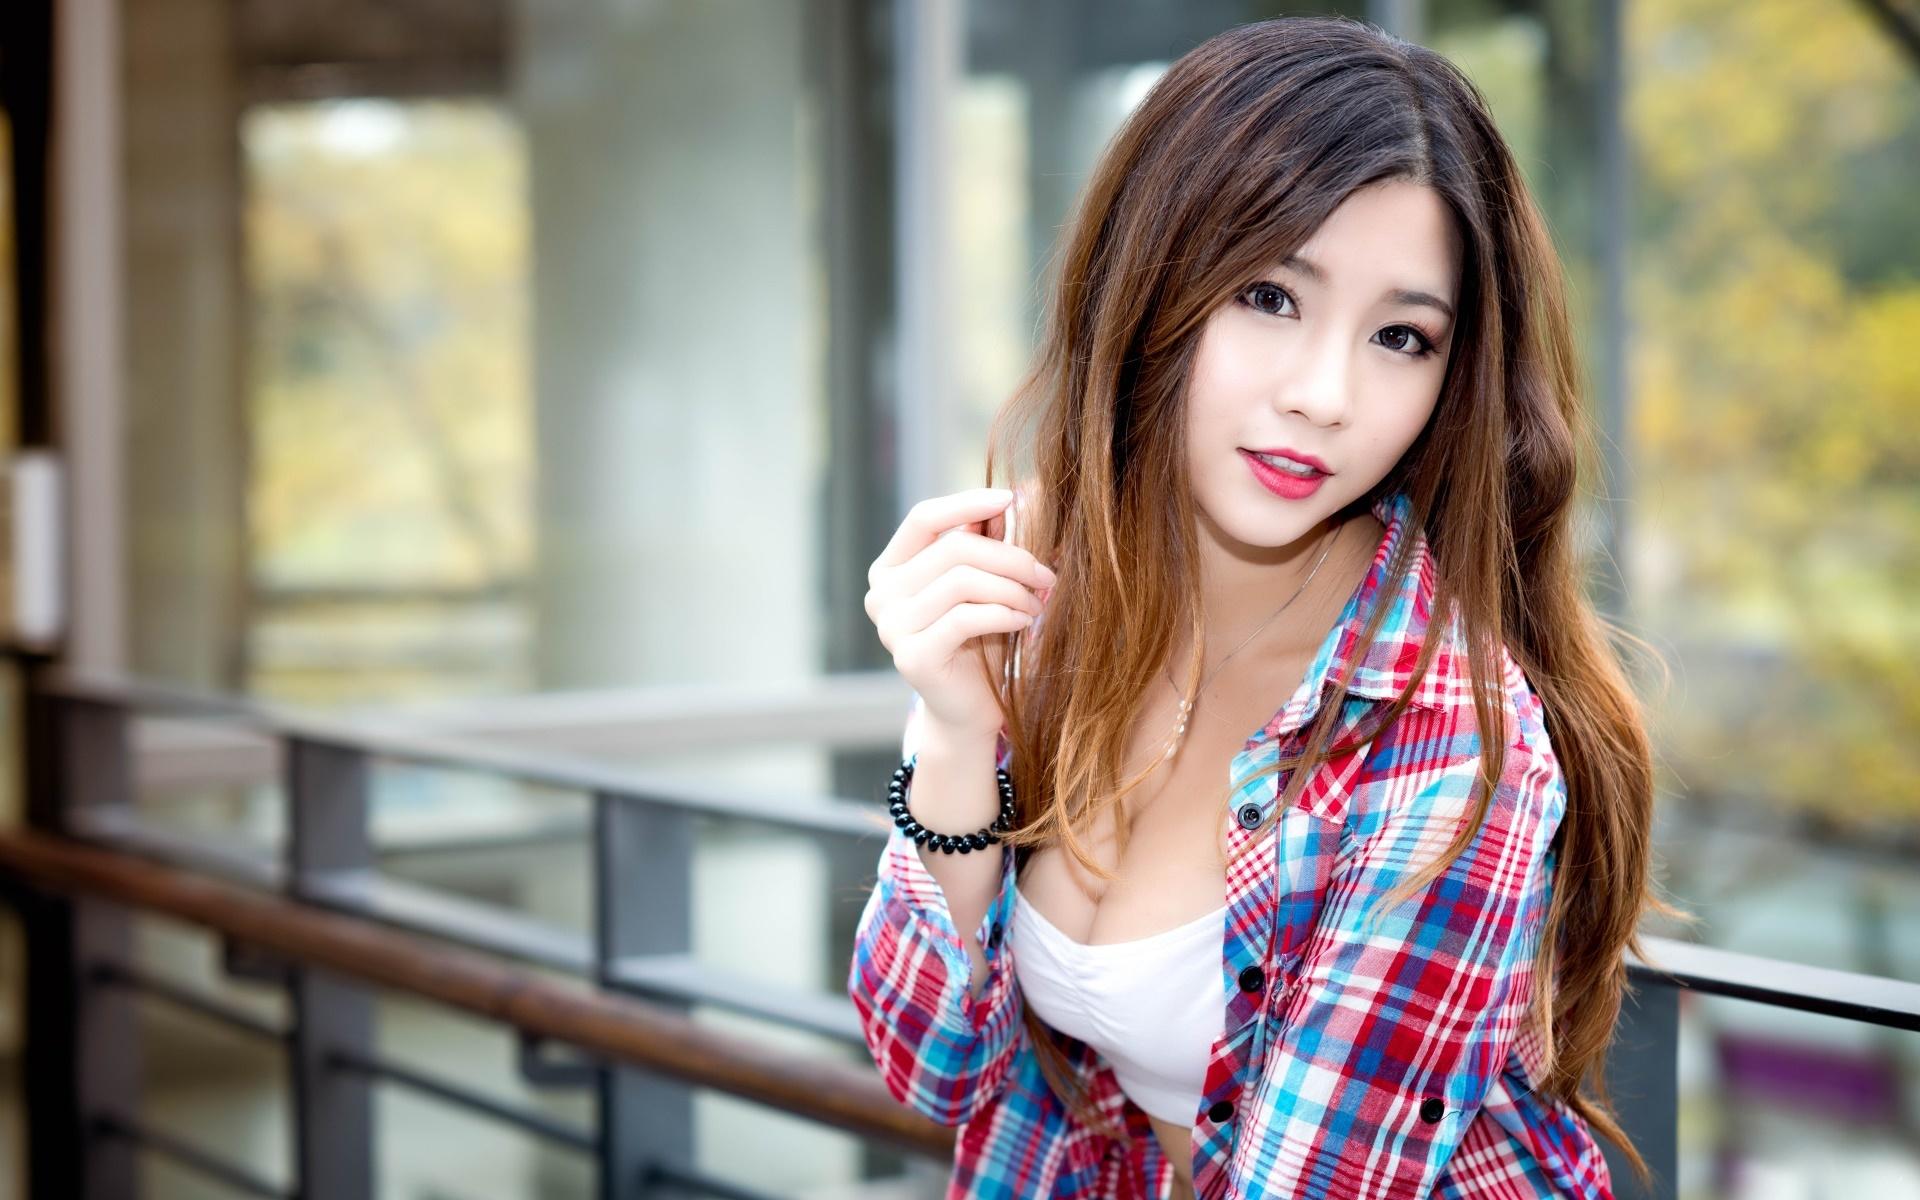 смотреть картинки красивых девушек азиаток